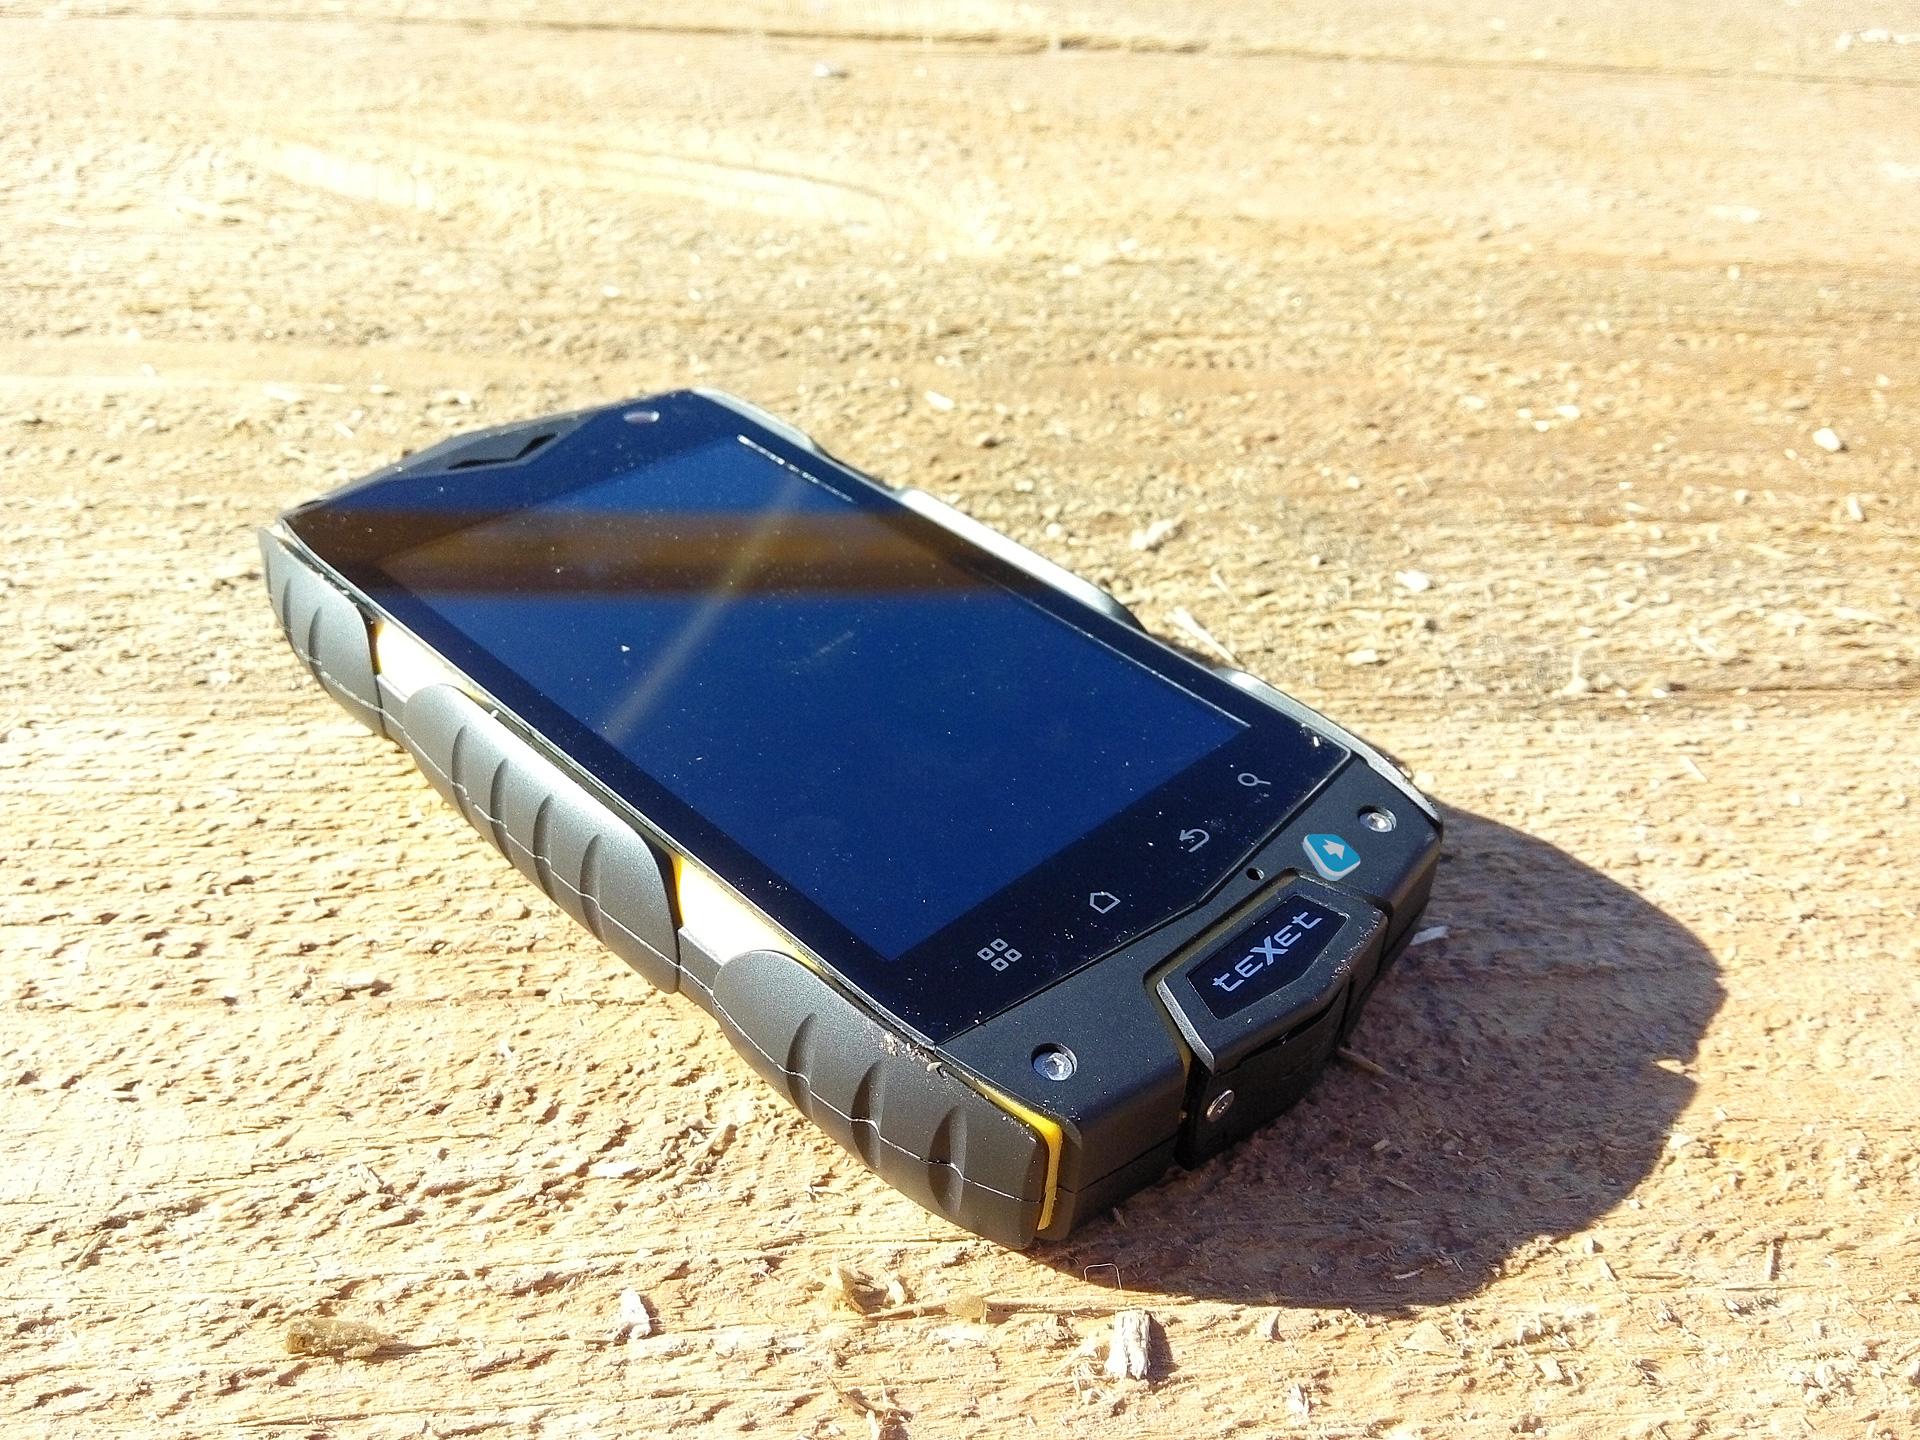 инструкция на смартфон texet x